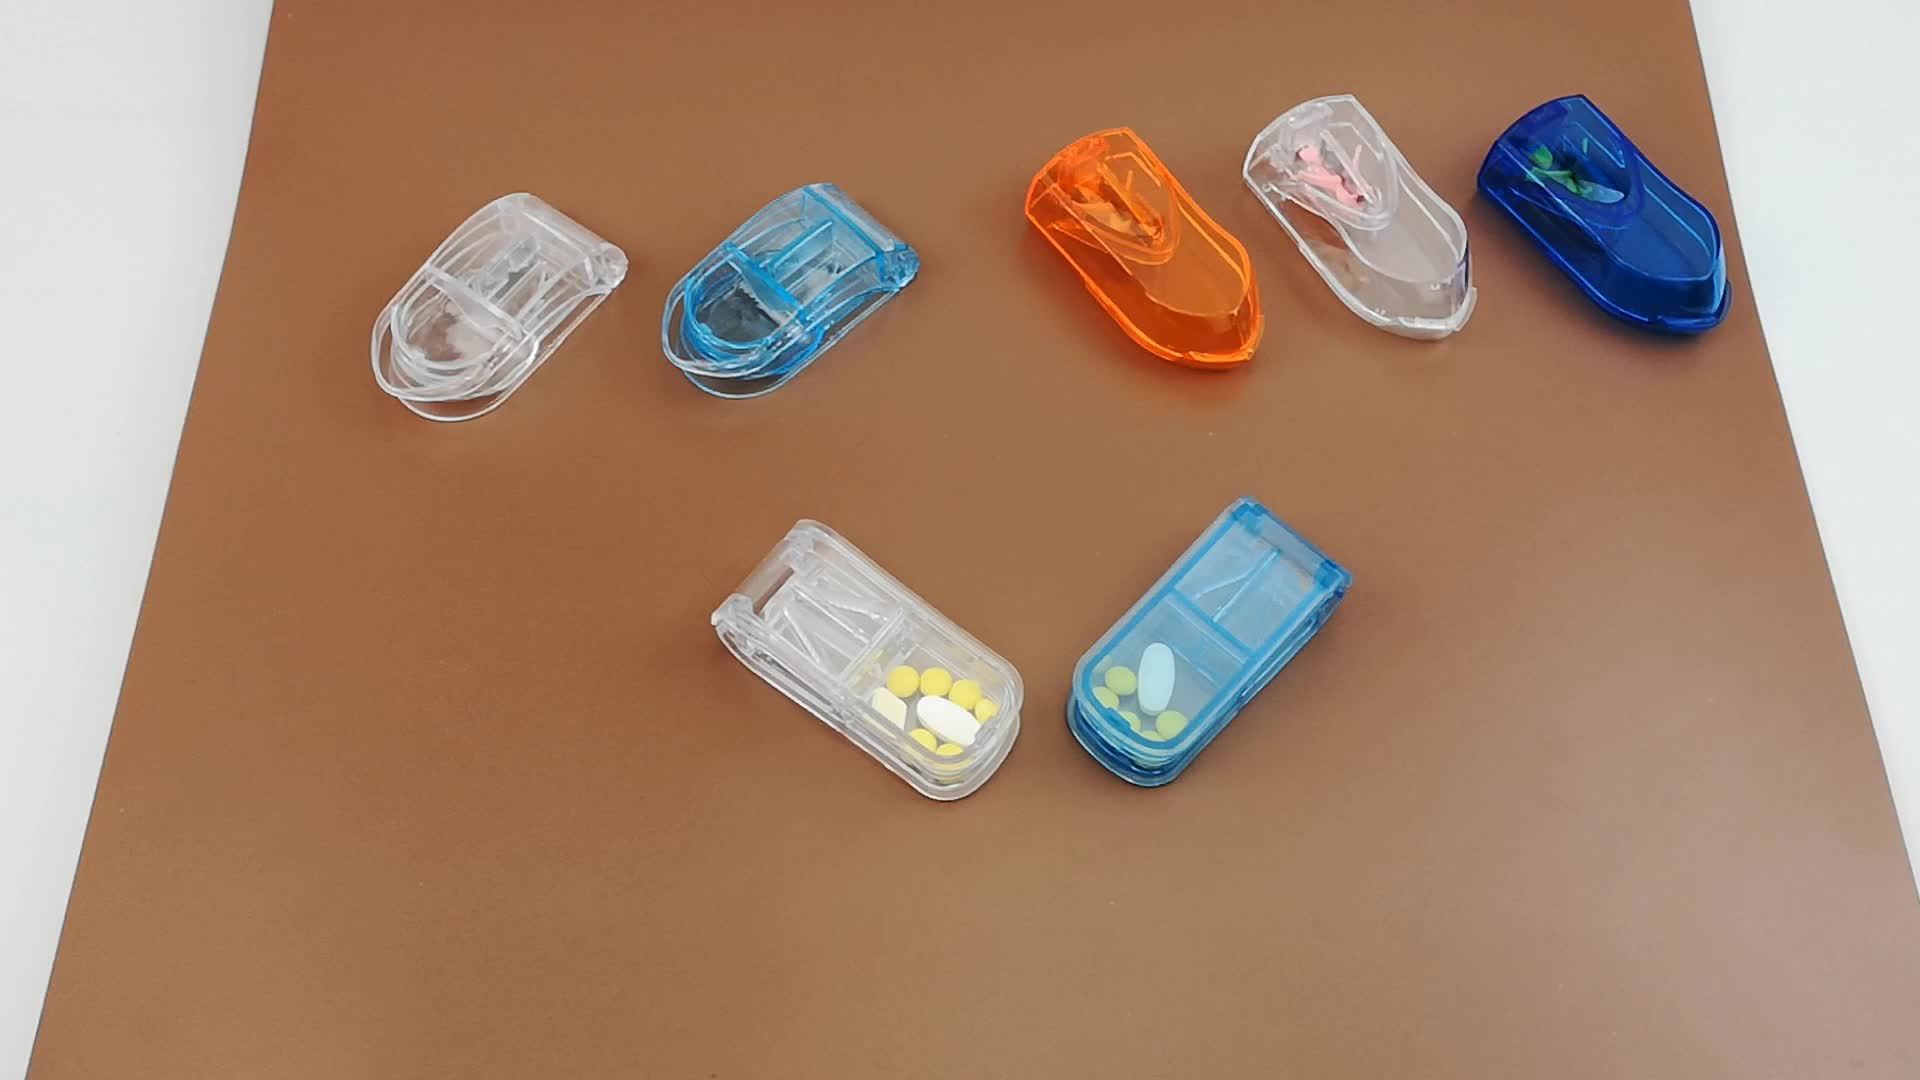 De plástico tablet trituradora cortador de caja de la píldora newcare soporte de acero inoxidable cápsula mini pastillero pequeño divisor con metal